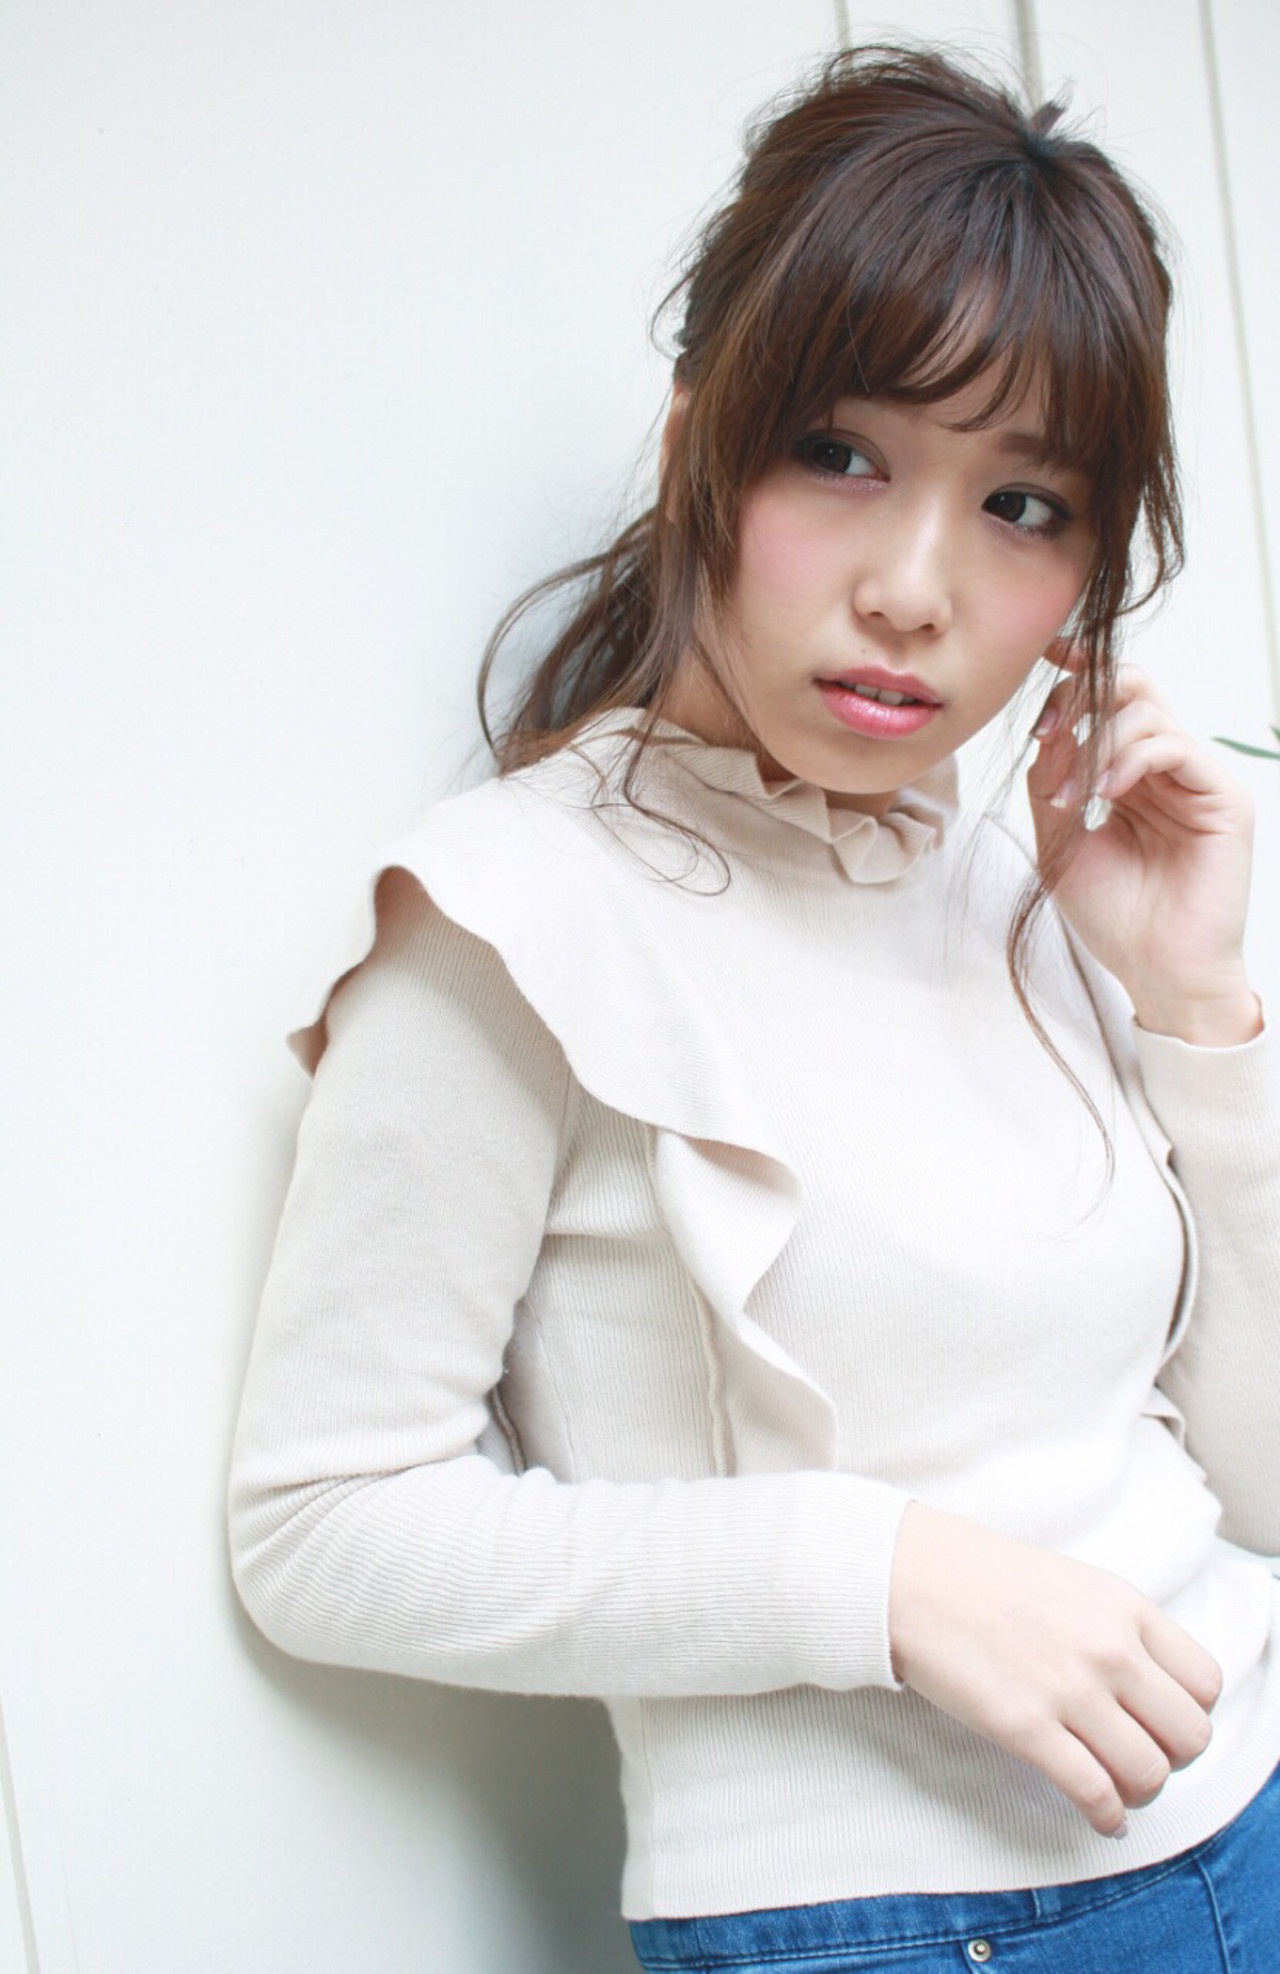 簡単ヘアアレンジ ポニーテール グレージュ ヘアアレンジ ヘアスタイルや髪型の写真・画像   【Rejouir金山店】光沙 / Rejouir (Nagoya)